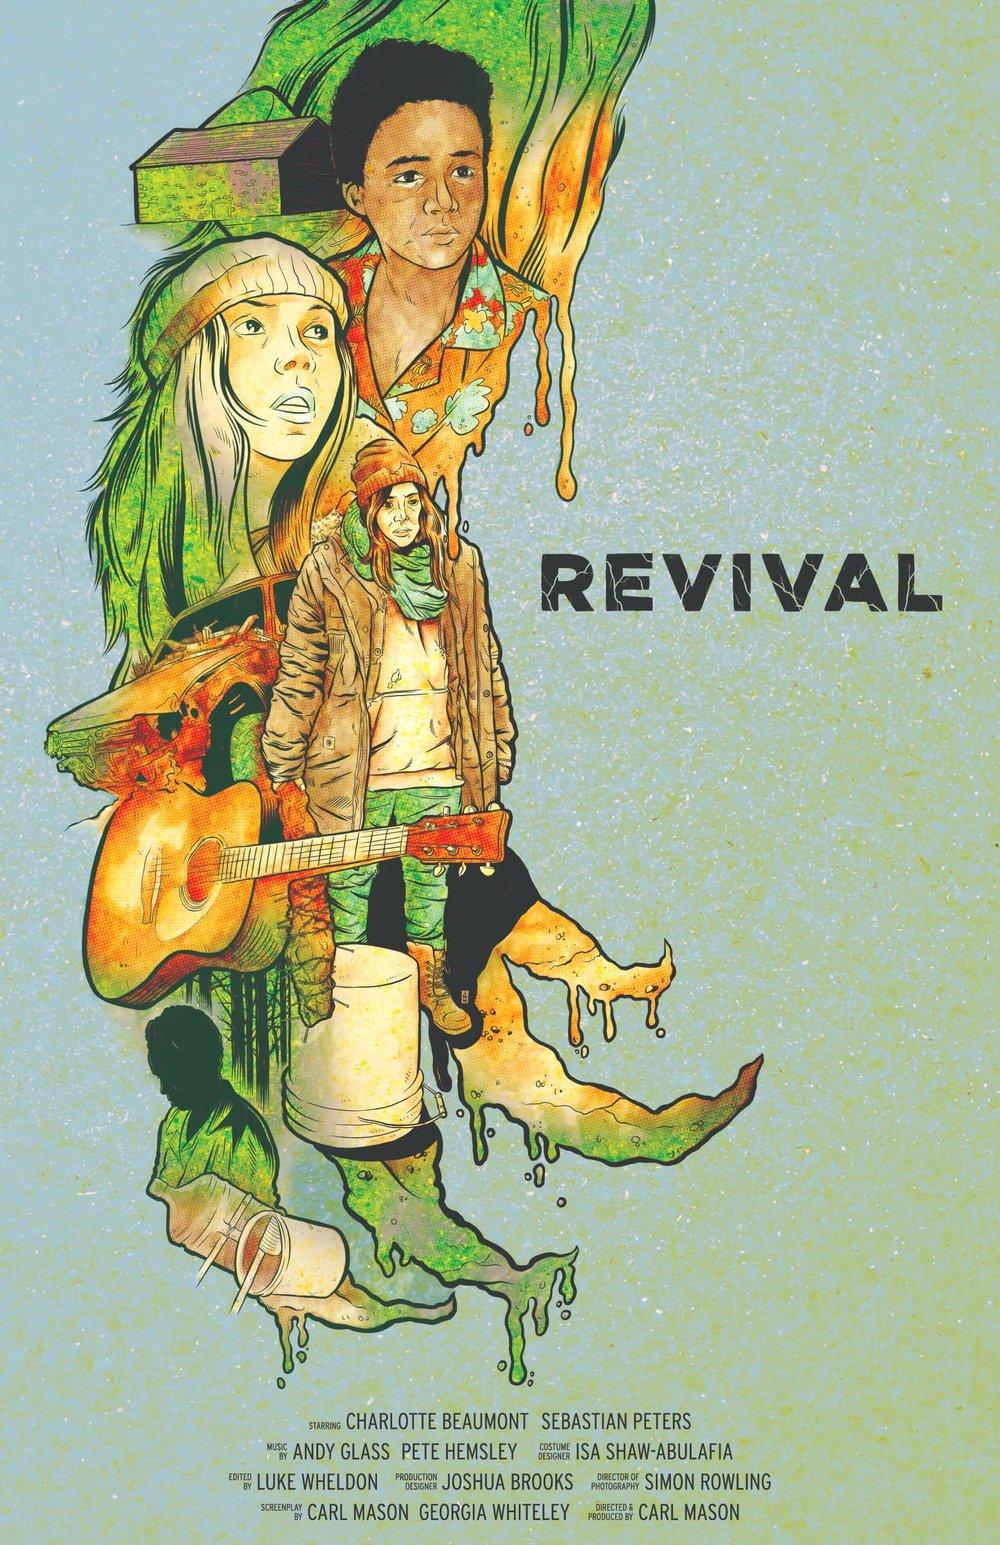 Revival 11x17 RGB Web Poster.jpg